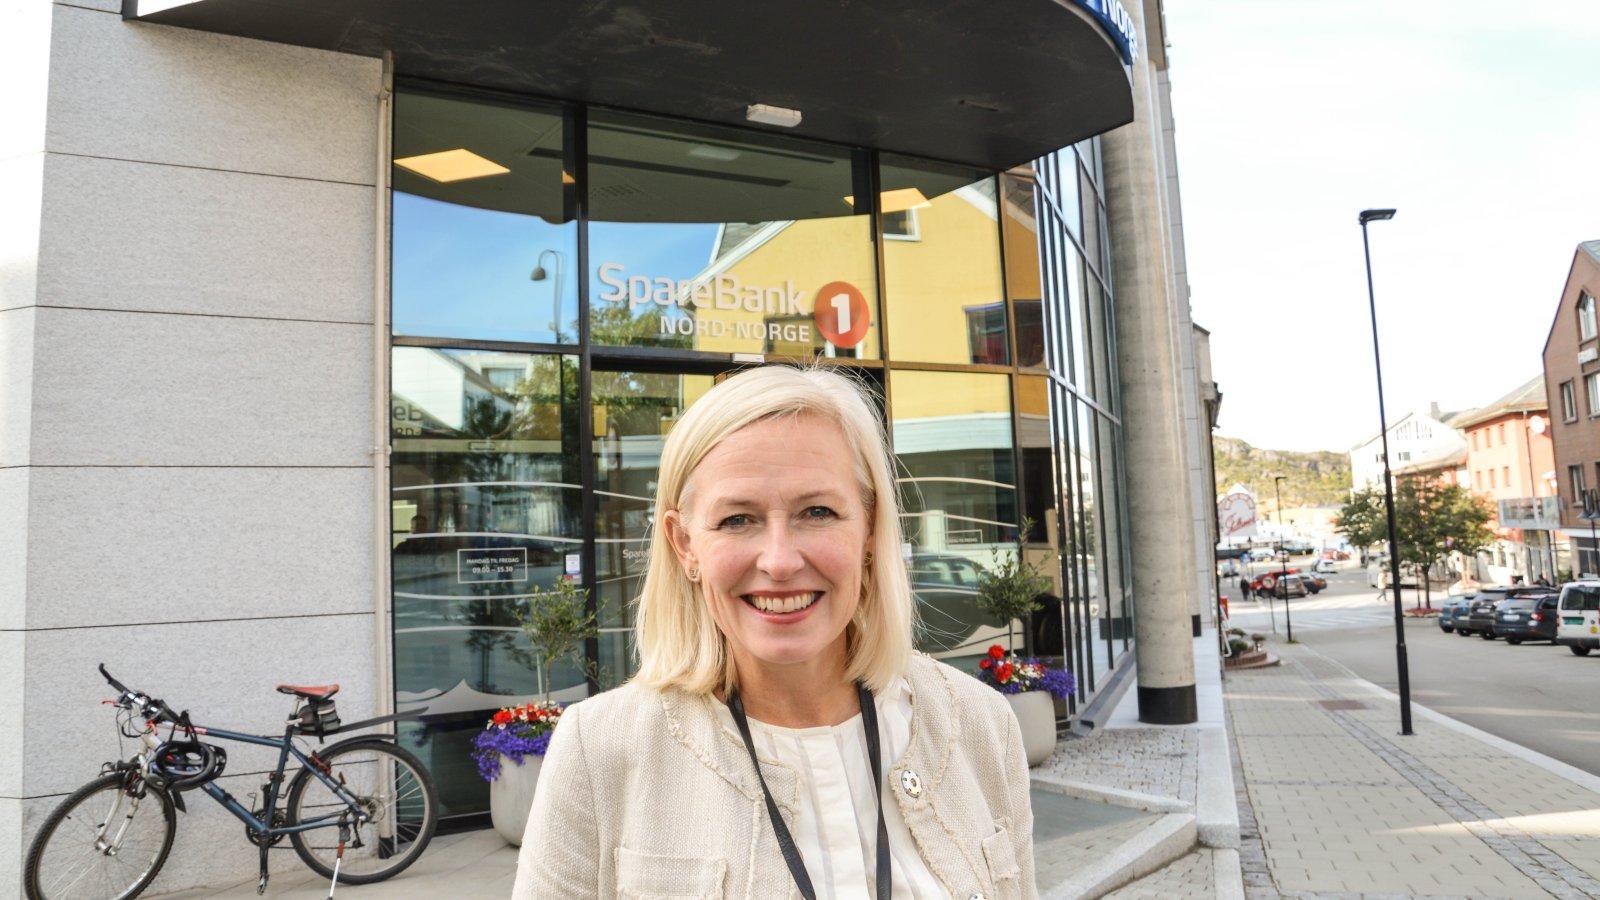 SpareBank1 Nord-Norge gir ti millioner kroner for å bekjempe plastforurensning i nord. Banksjef Trude Glad i Bodø vil ha klubber og baneeiere med på laget.